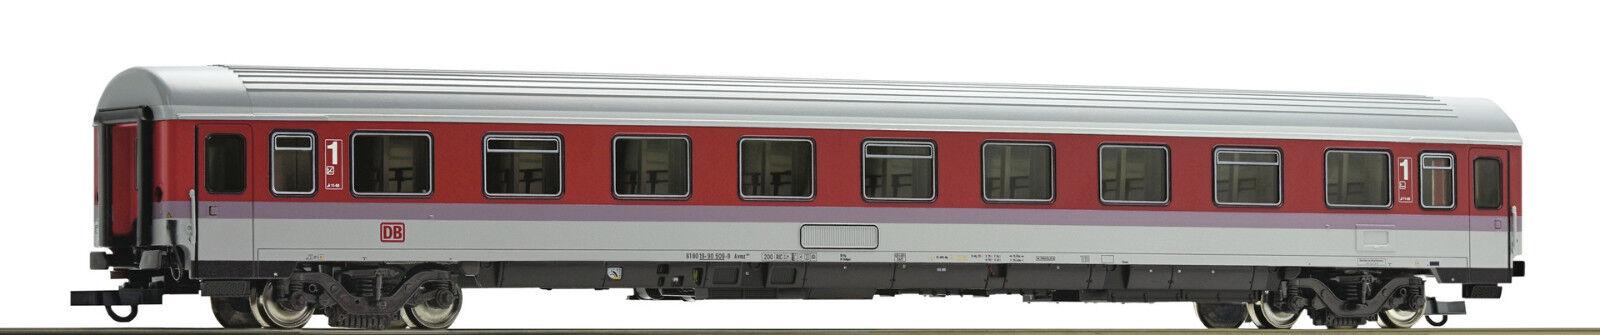 ROCO 64931 1 87 treno rapido carro, carro, carro, 1. classe Avmz 108.1 della DB, in orientrosso, Ep IV 4296fd